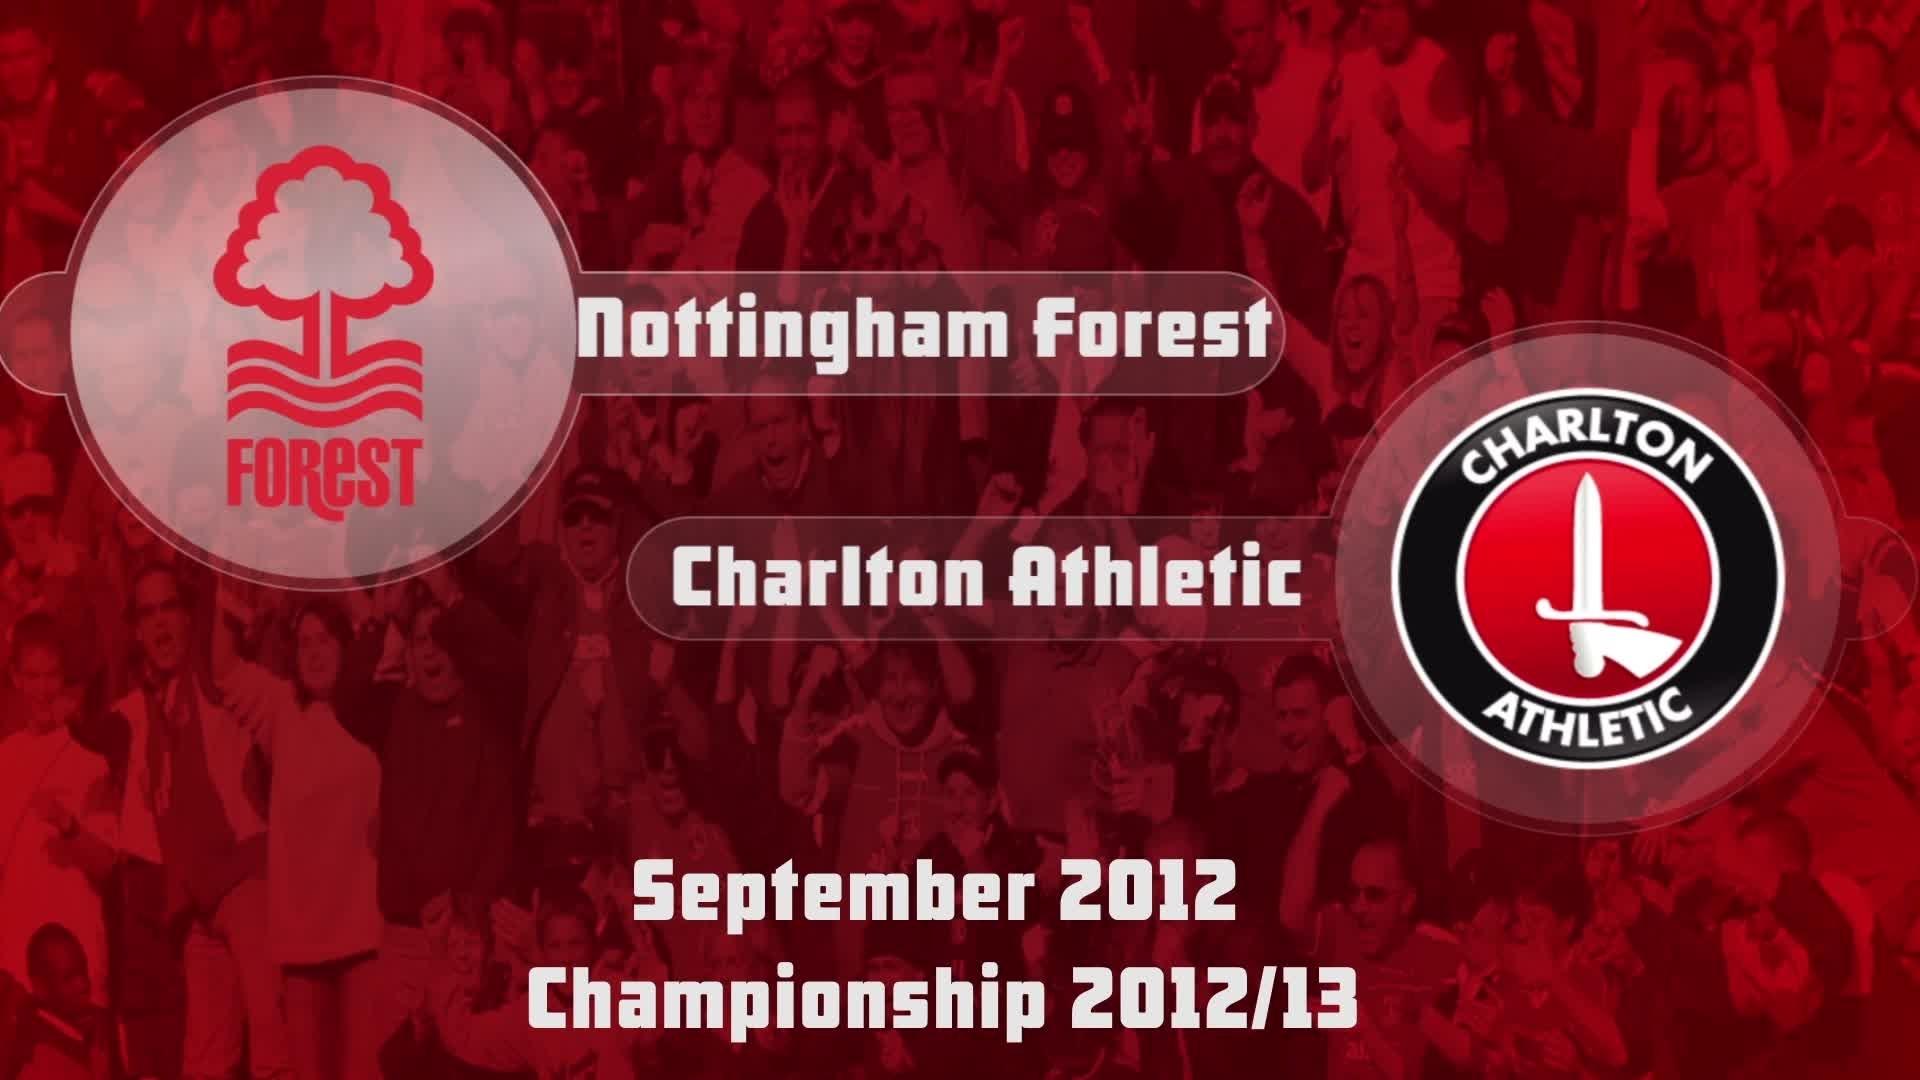 05 HIGHLIGHTS | Nottingham Forest 2 Charlton 1 (Sept 2012)